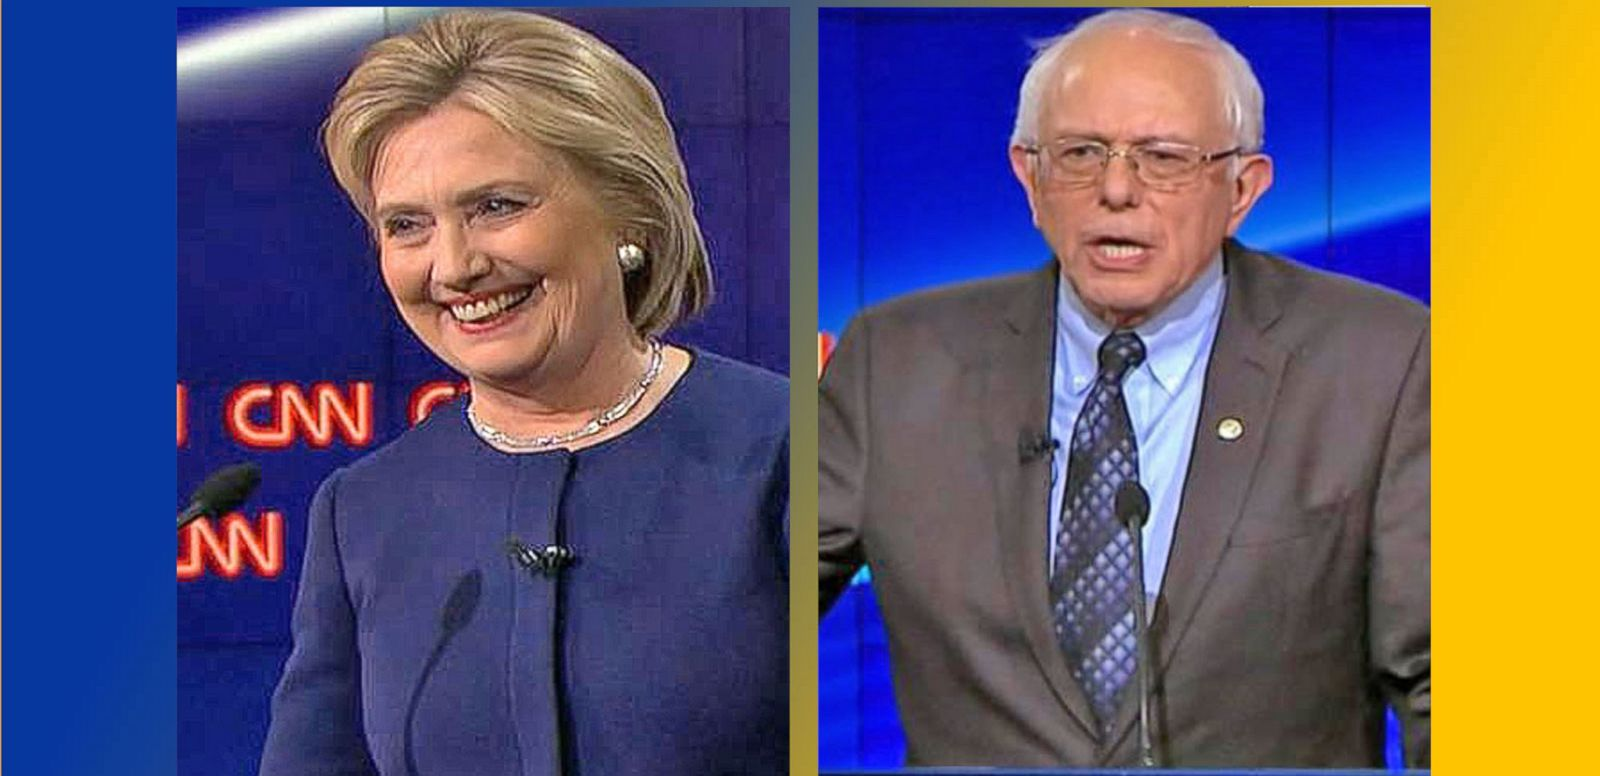 VIDEO: Hillary Clinton, Bernie Sanders Face Off in Fiery Debate